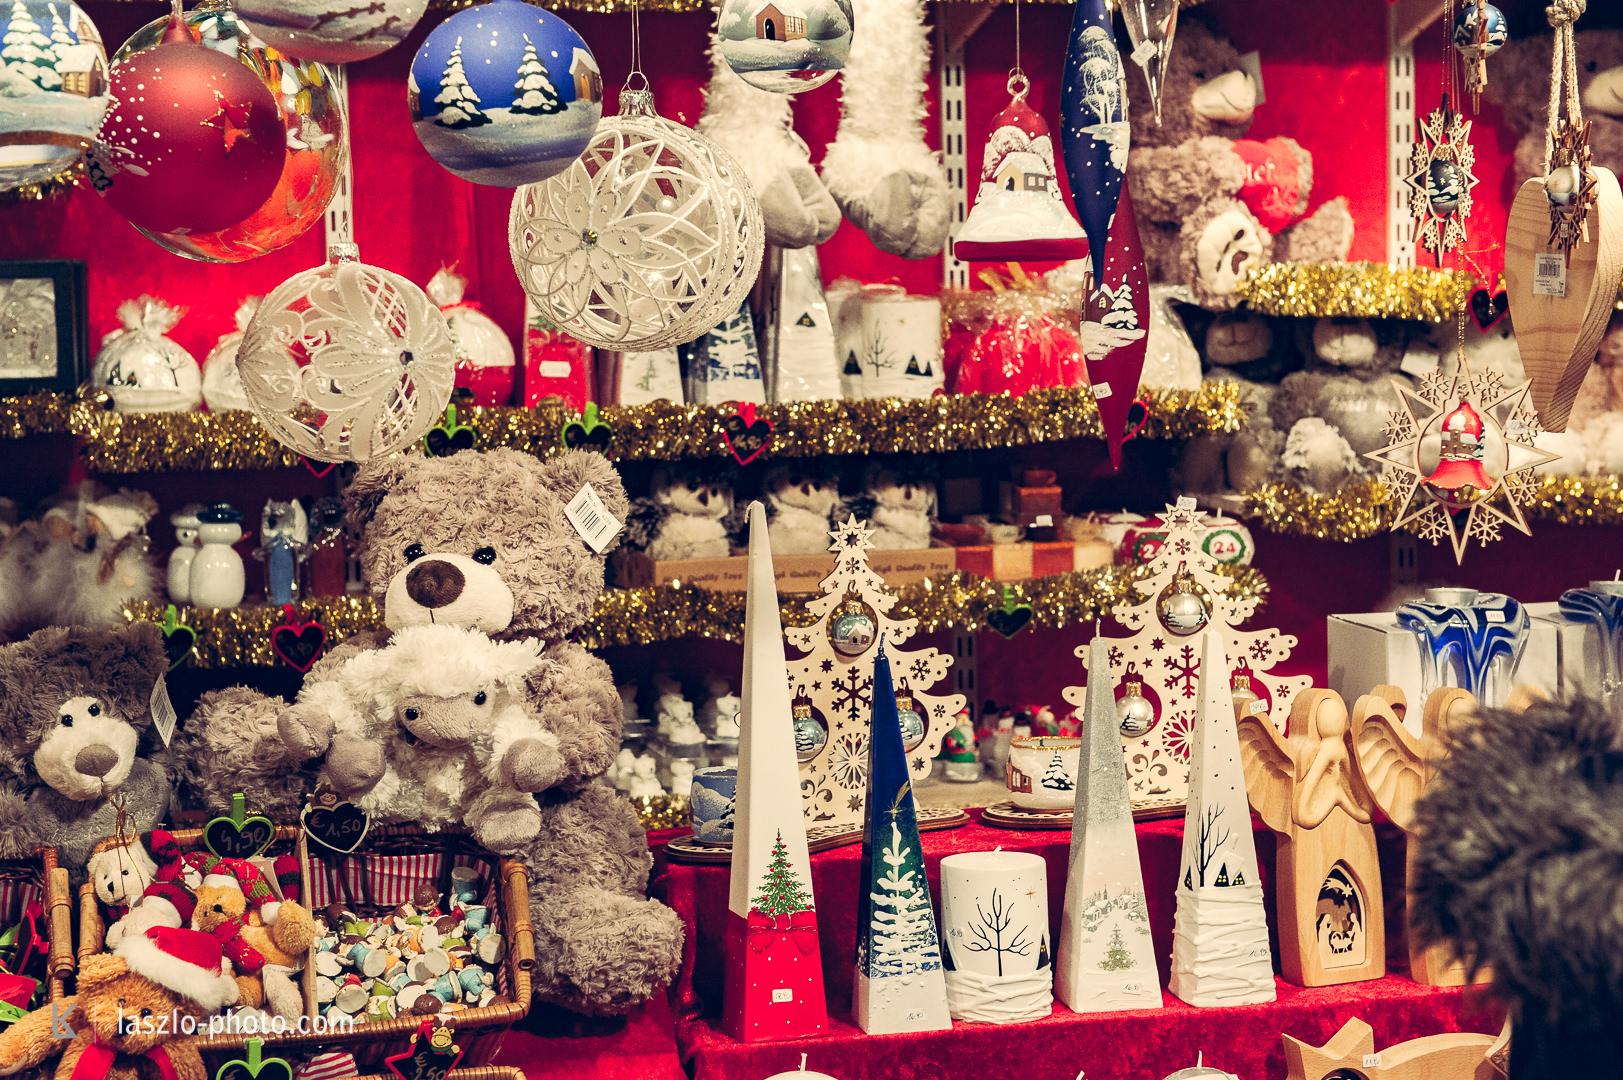 20161209_Weihnachten_Christkindlmarkt-4744